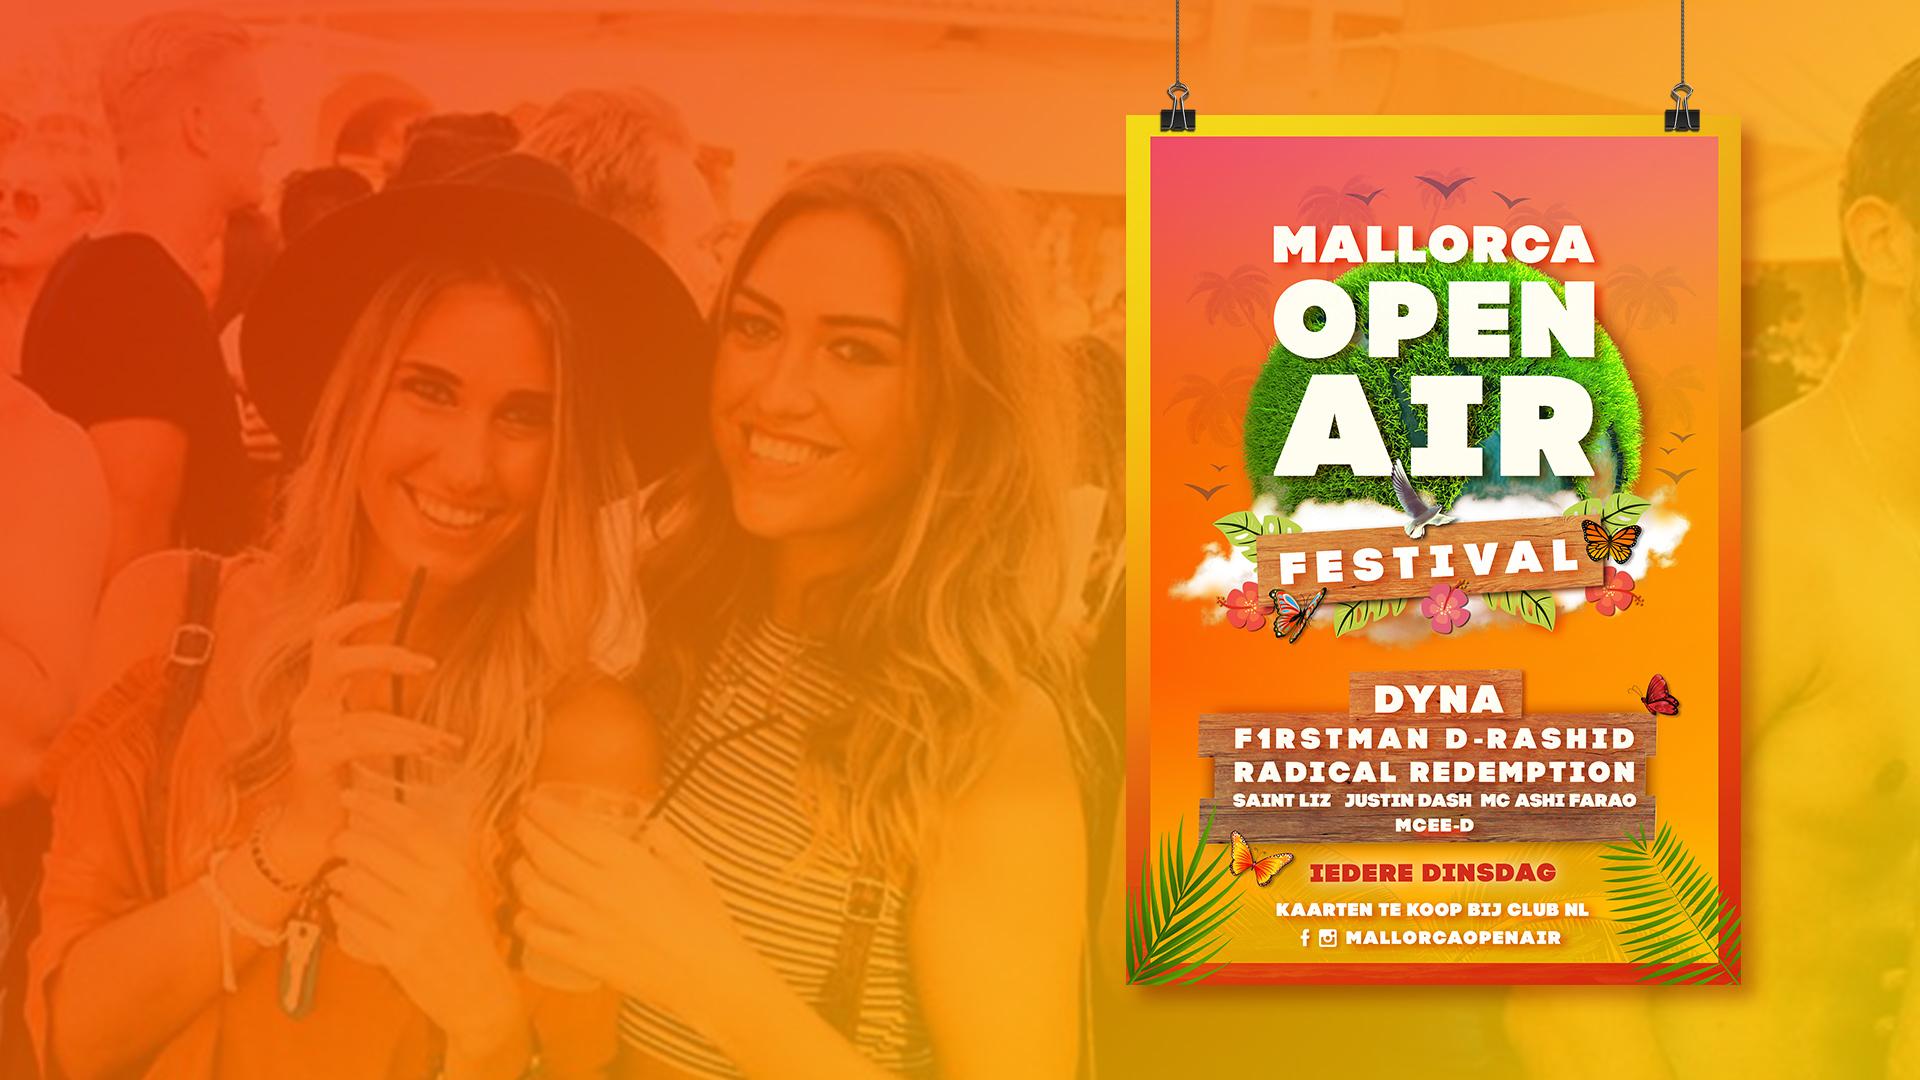 Mallorcaopenair-2017-Poster-Design-MOA